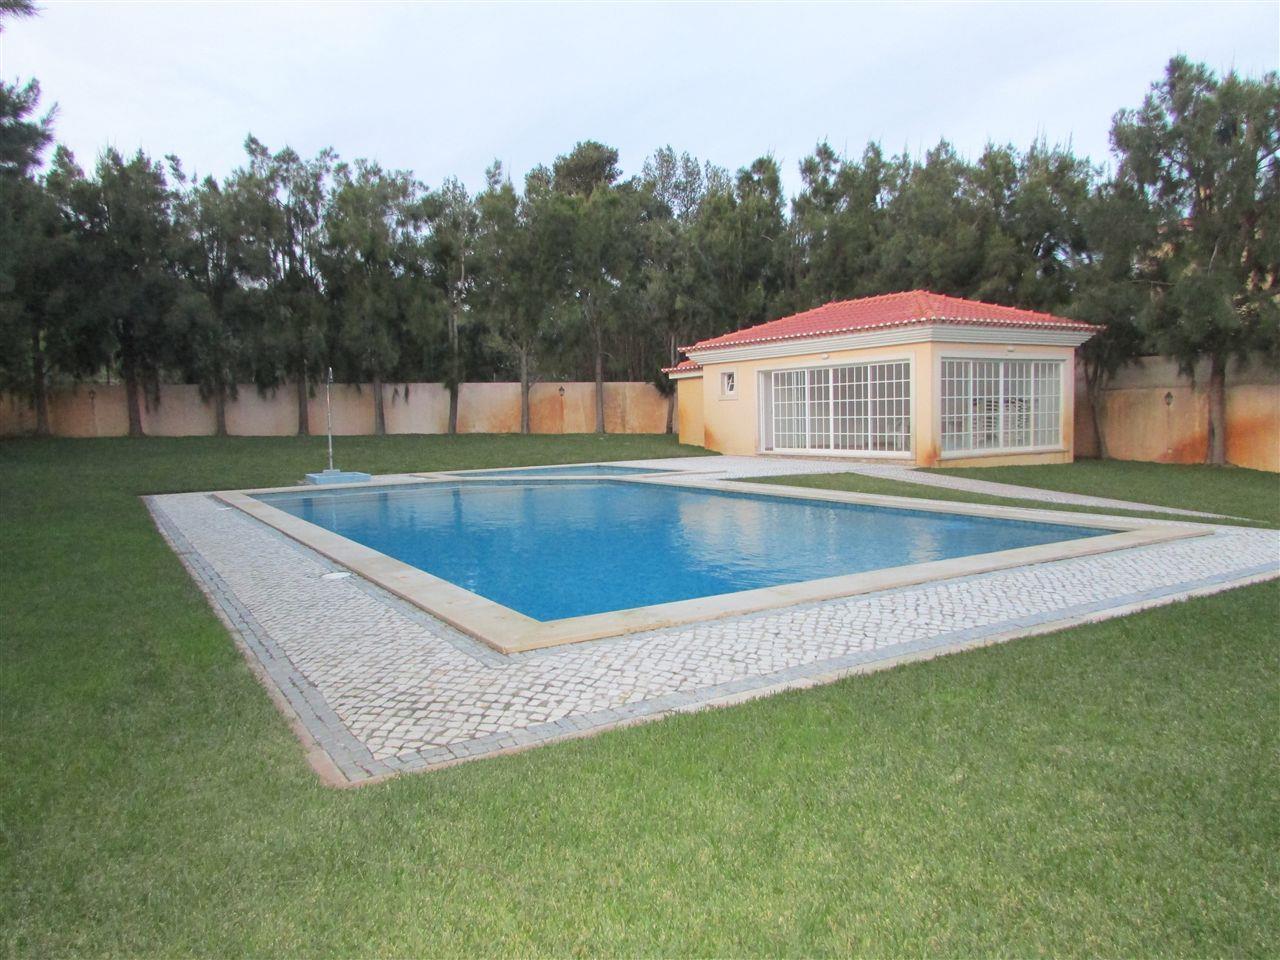 Maison unifamiliale pour l Vente à House, 5 bedrooms, for Sale Birre, Cascais, Lisbonne Portugal